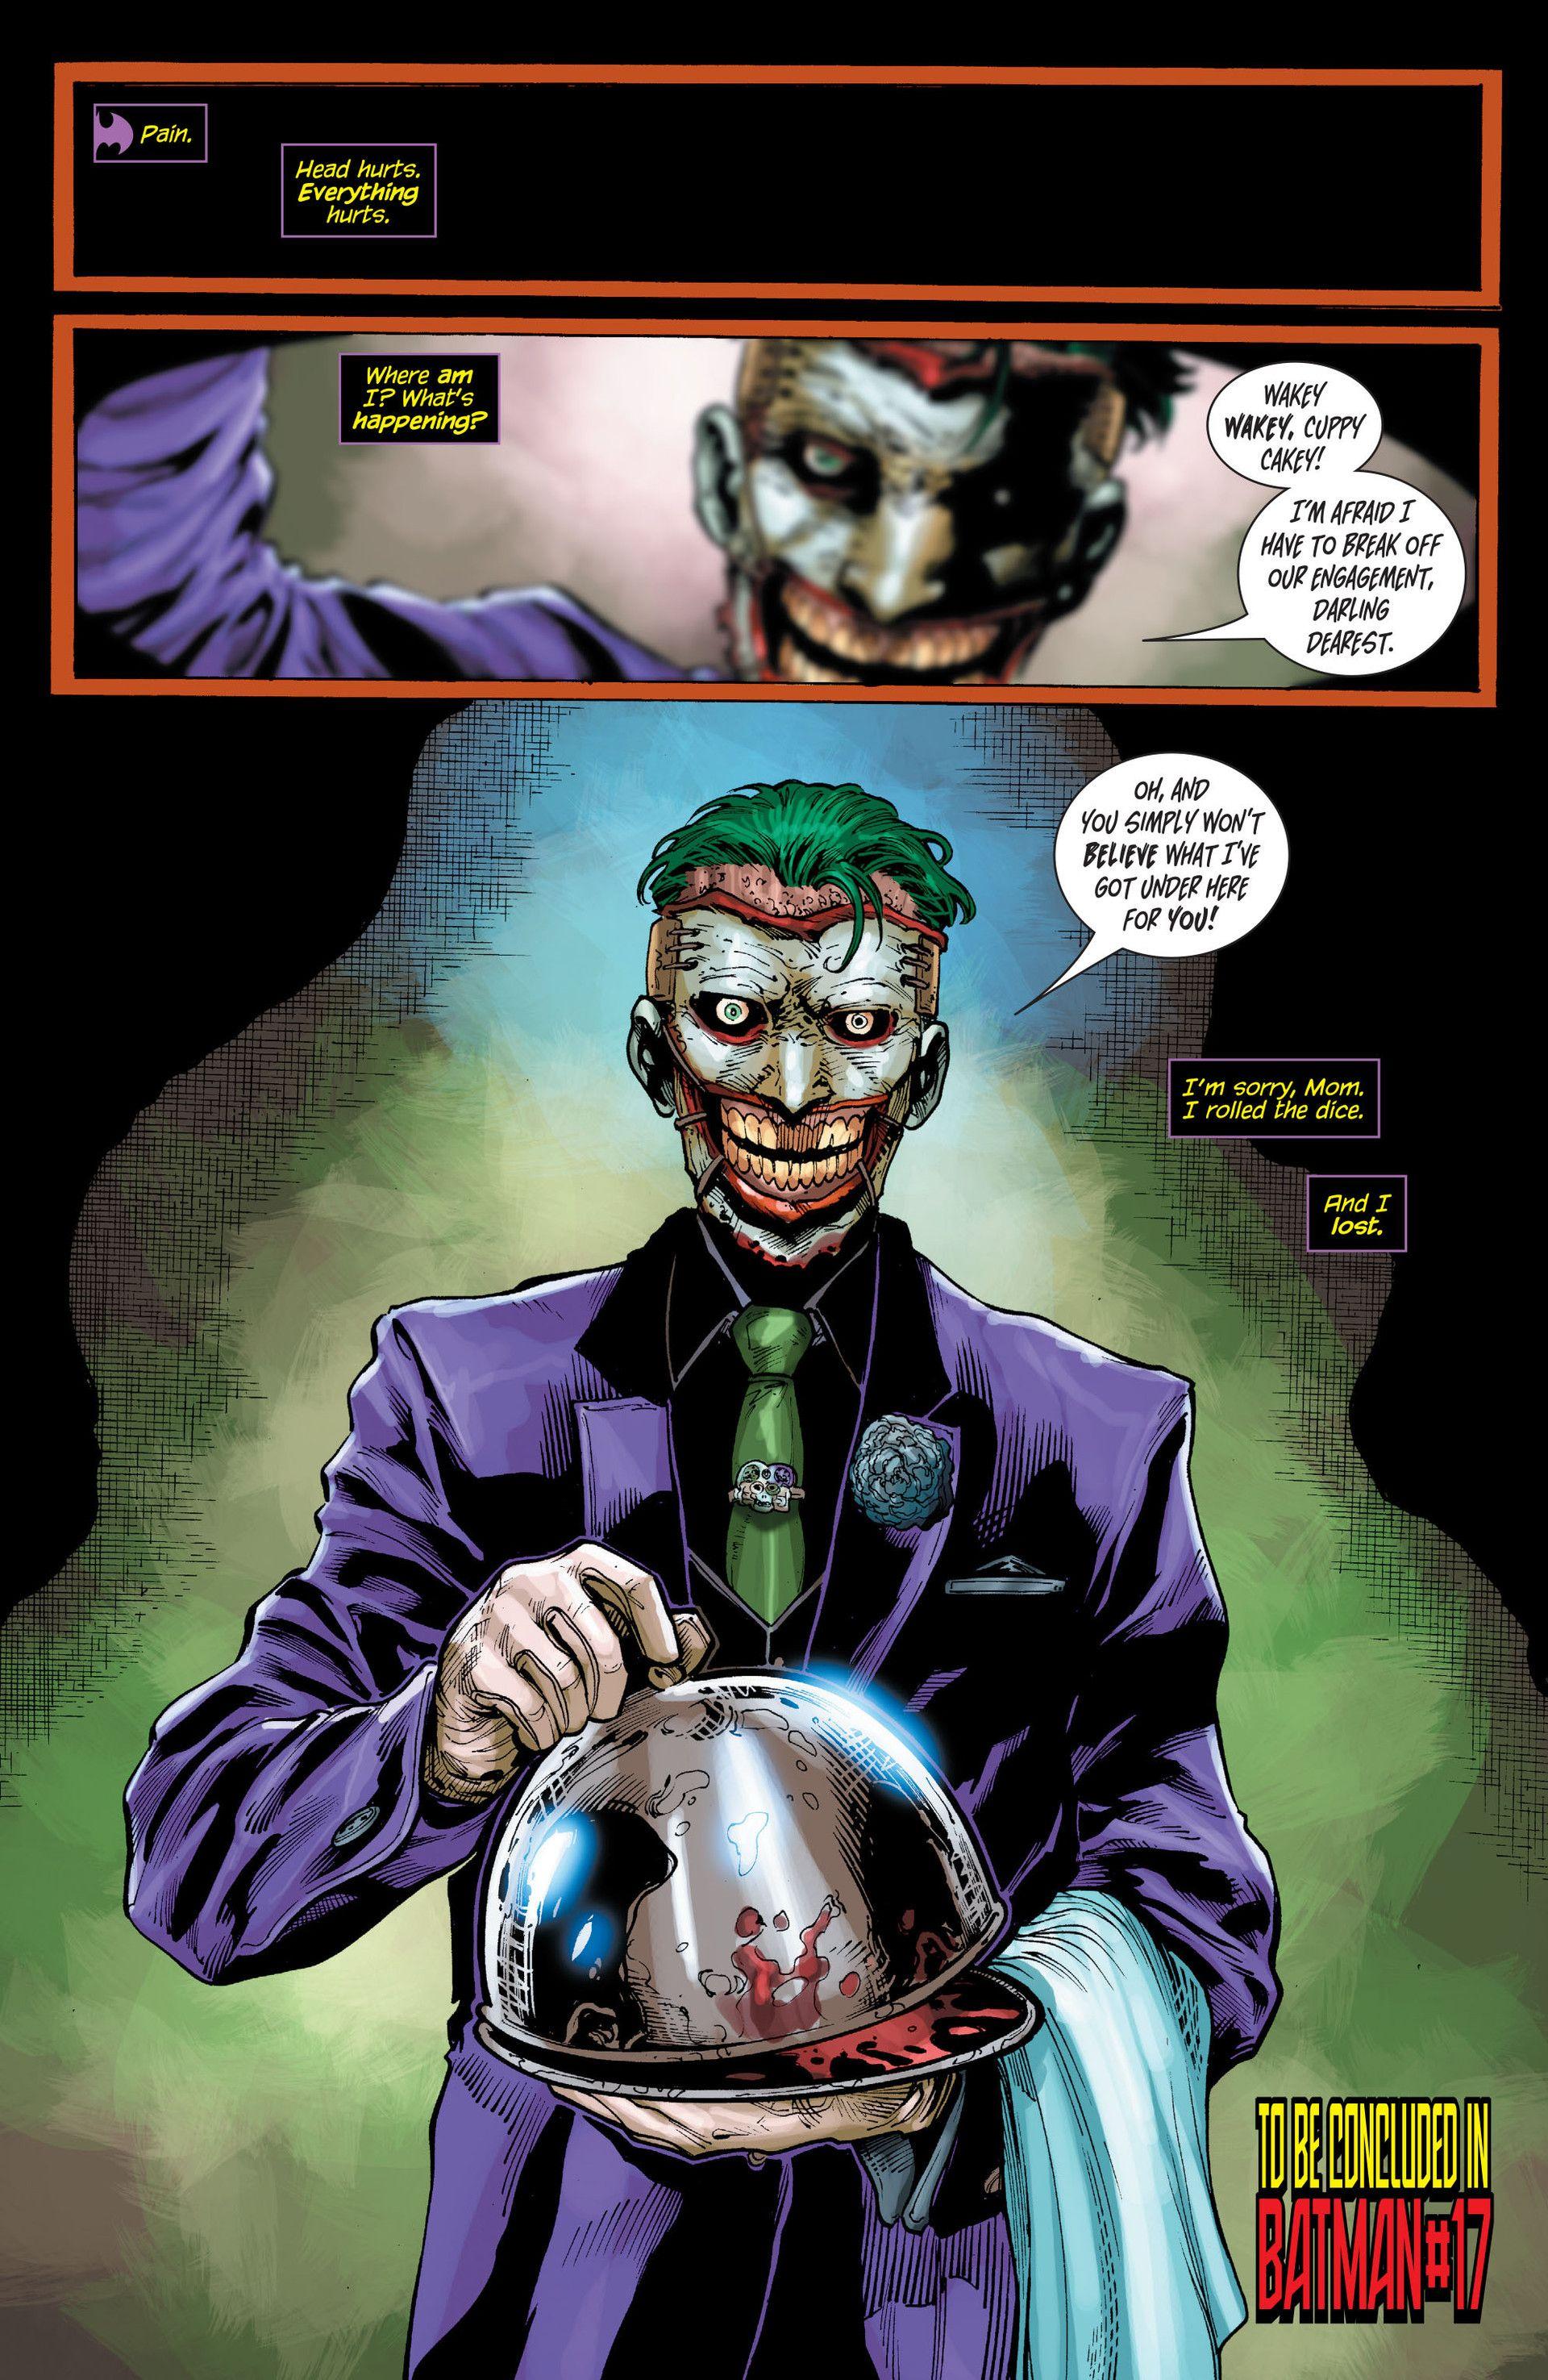 Batgirl 2011 Issue 16 Read Batgirl 2011 Issue 16 Comic Online In High Quality Batman Vs Joker Joker Joker Art